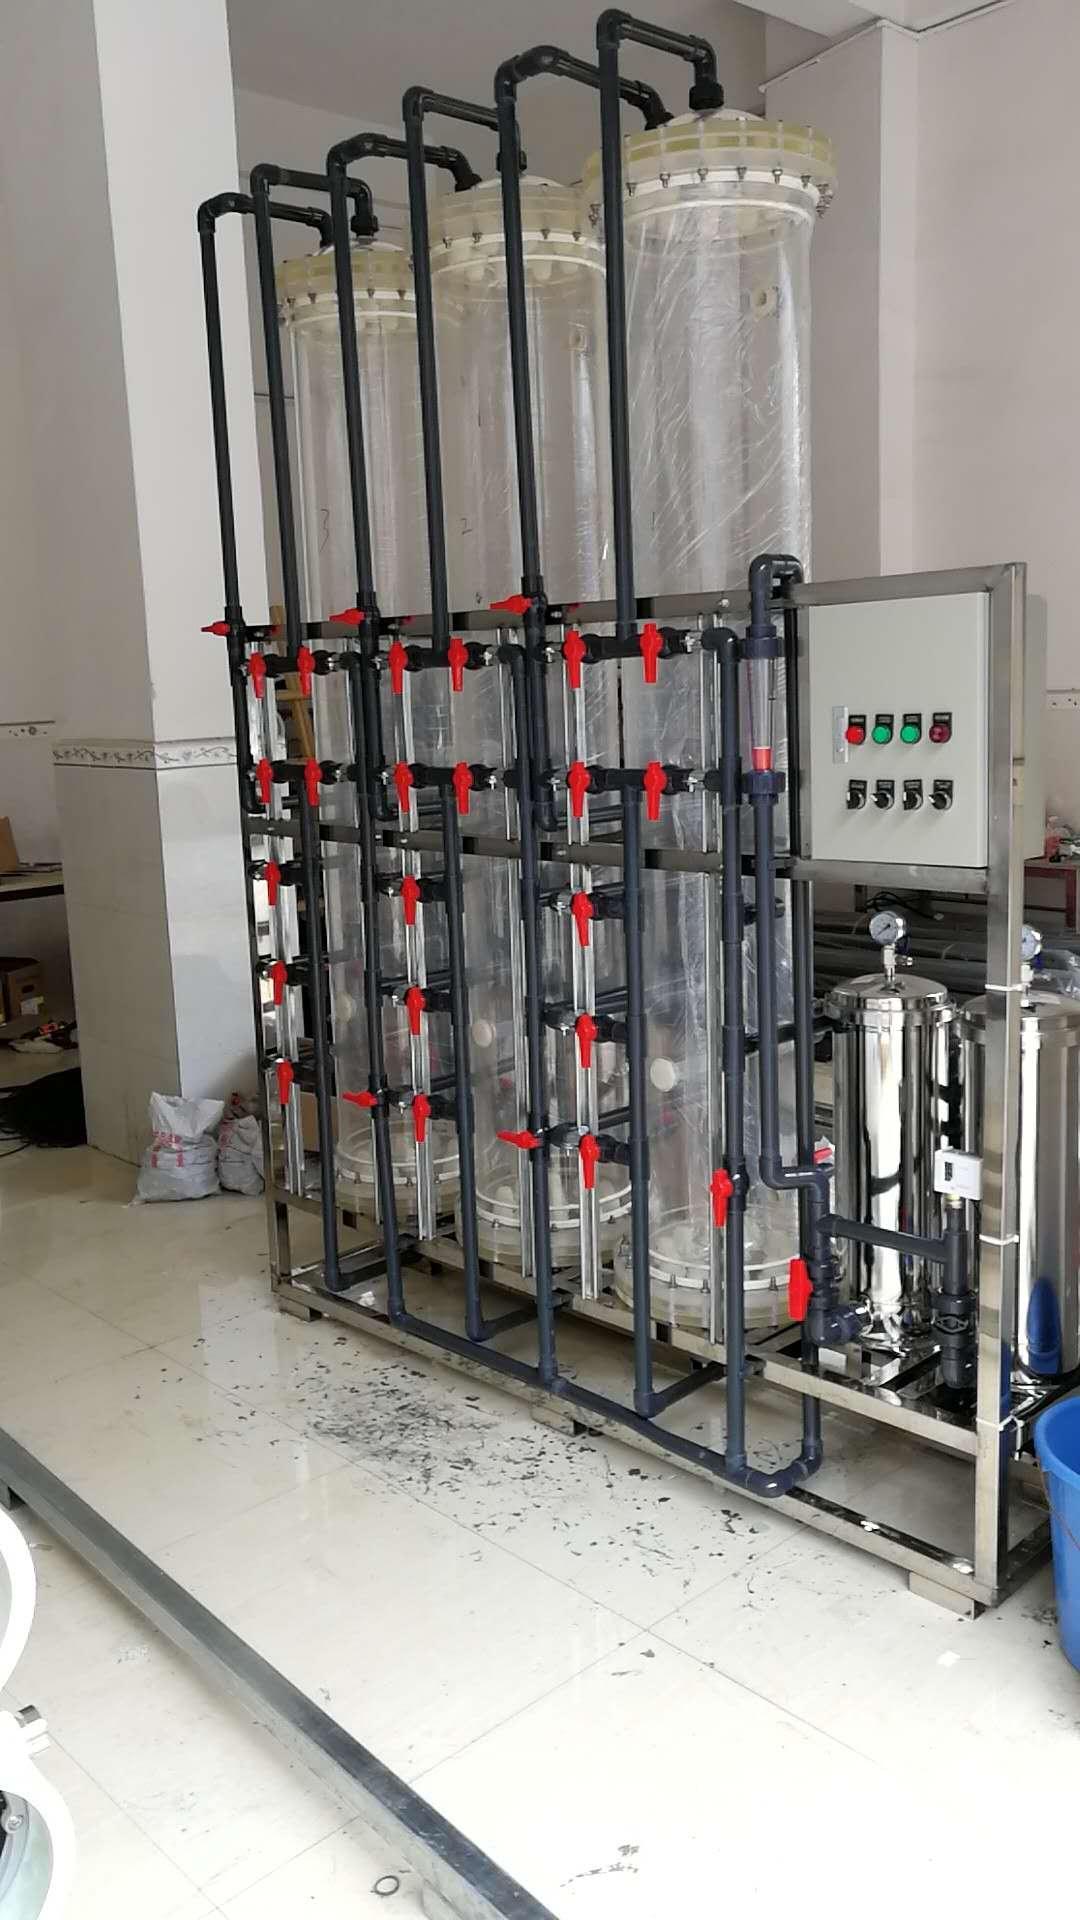 工業用離子交換柱 陽離子交換器 混床水處理設備 去離子水設備